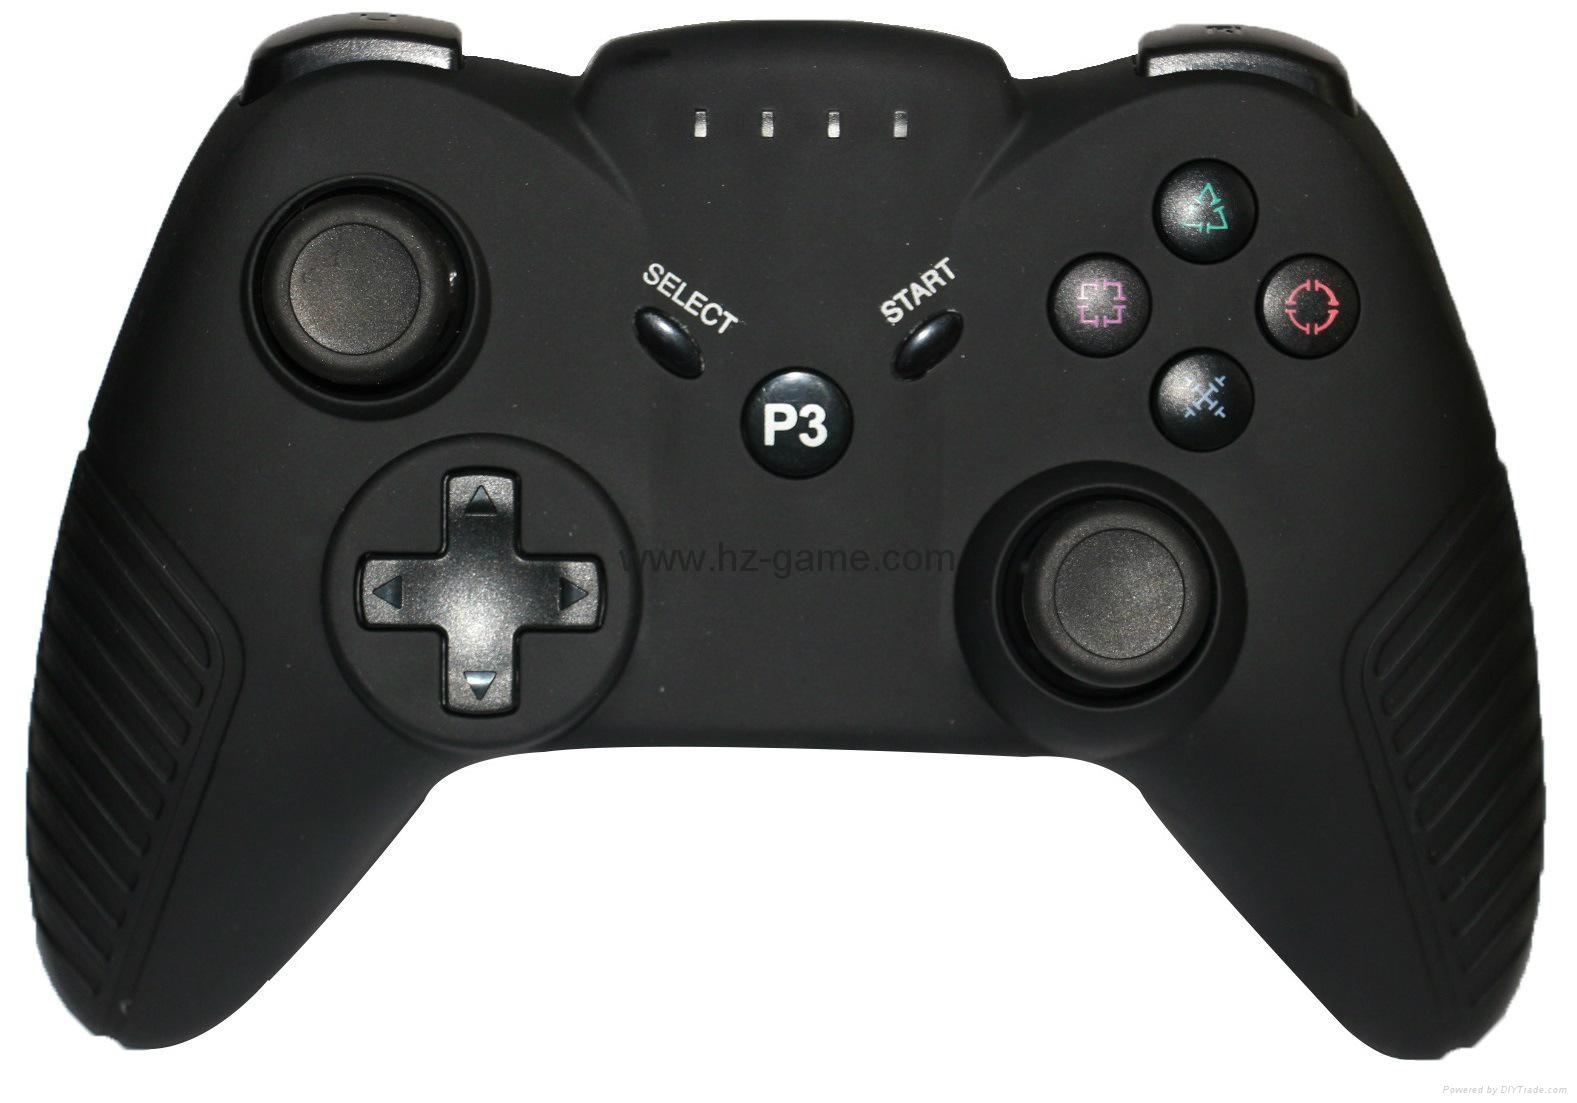 迷彩色PS3蓝牙手柄 PS3无线六轴蓝牙双震手柄 无线手柄 游戏手柄 9